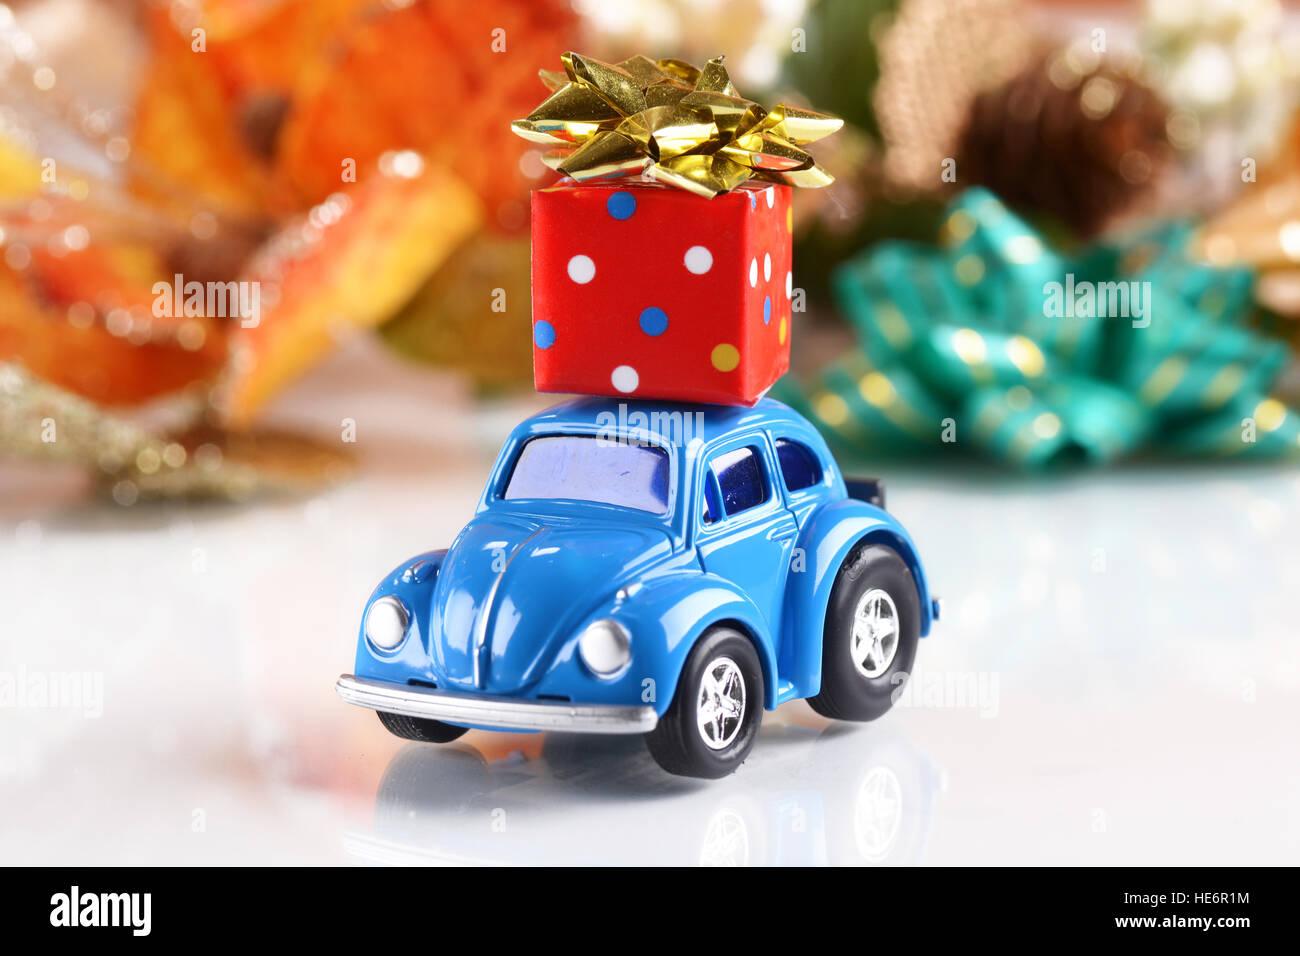 Geschenk Paket Auf Das Kleine Blaue Auto Stockfoto Bild 129227552